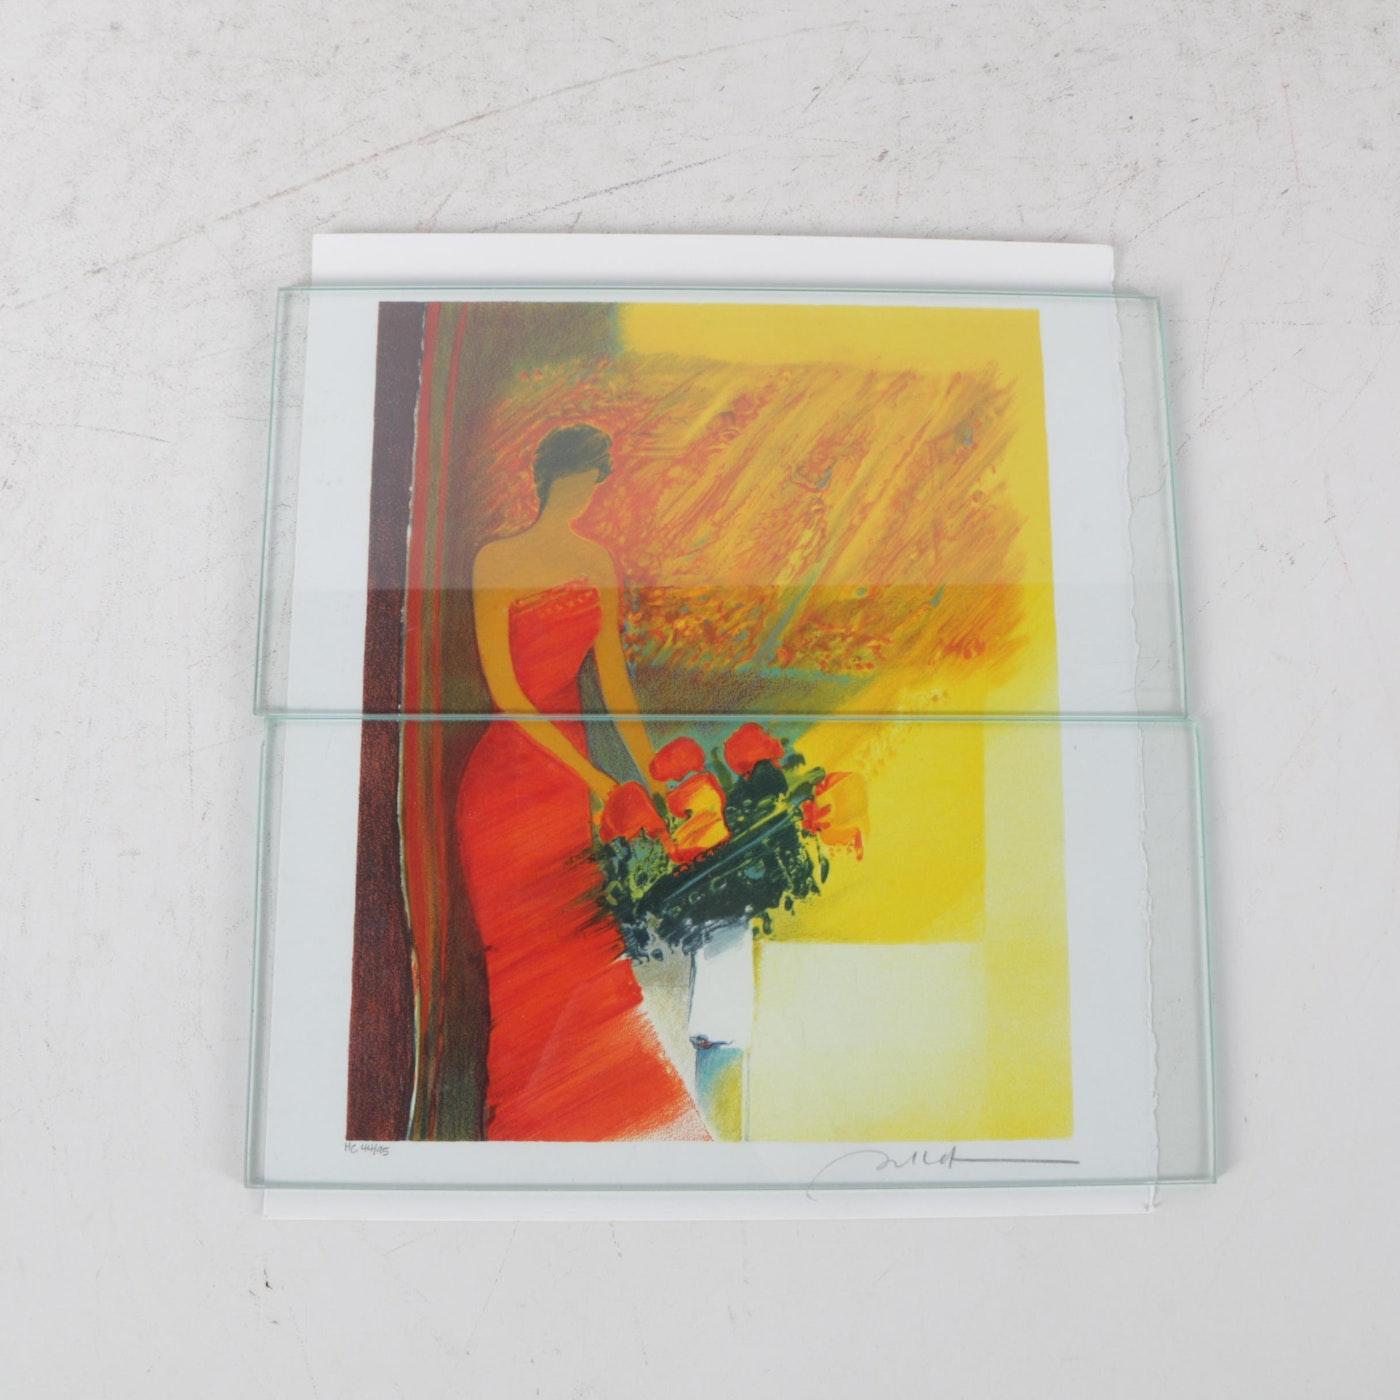 Emile bellet hors commerce color lithographs on paper ebth for Emile bellet interieur